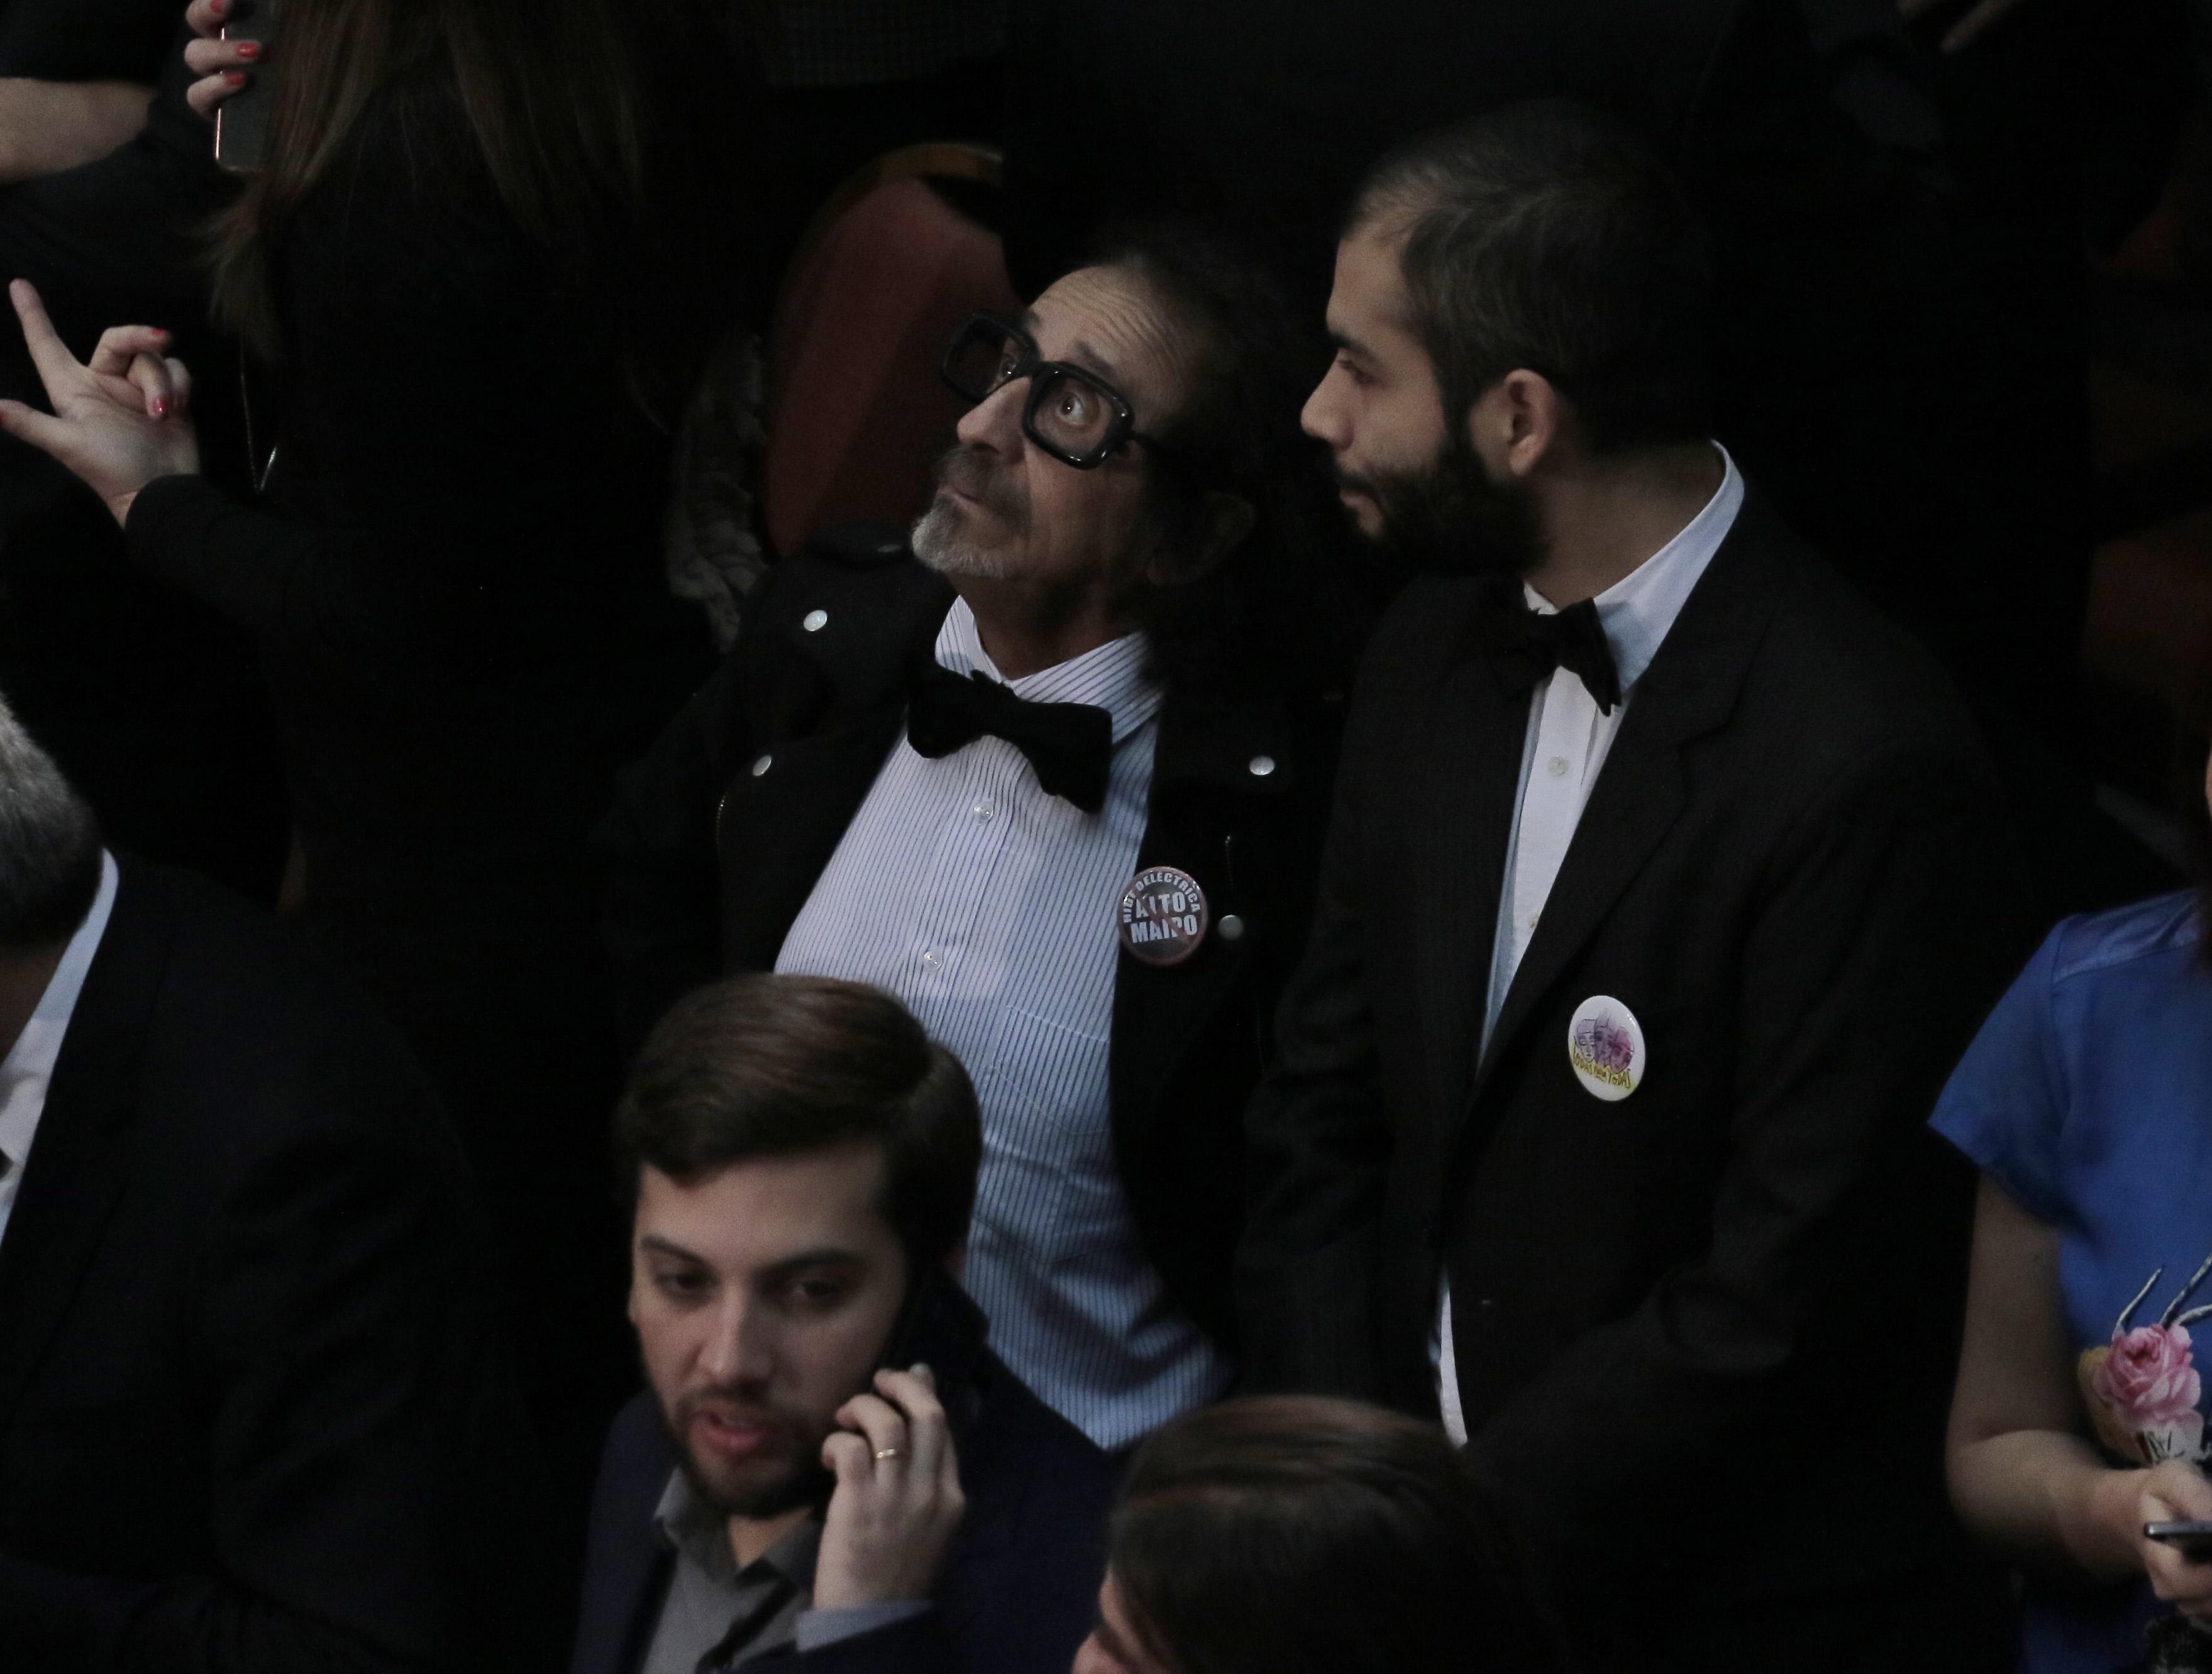 Mario Dávila Hernández | Agencia UNO